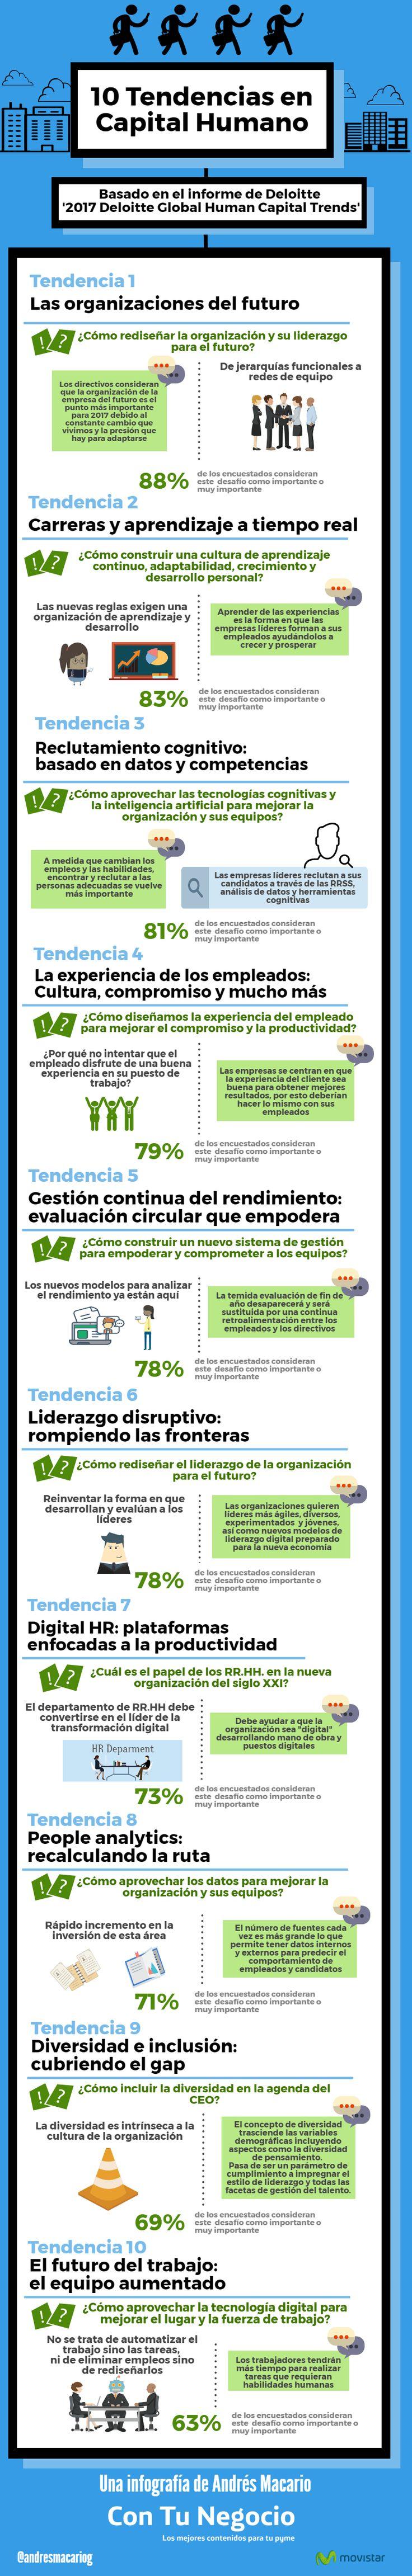 10 tendencias de Capital Humano - infografía Andrés Macario